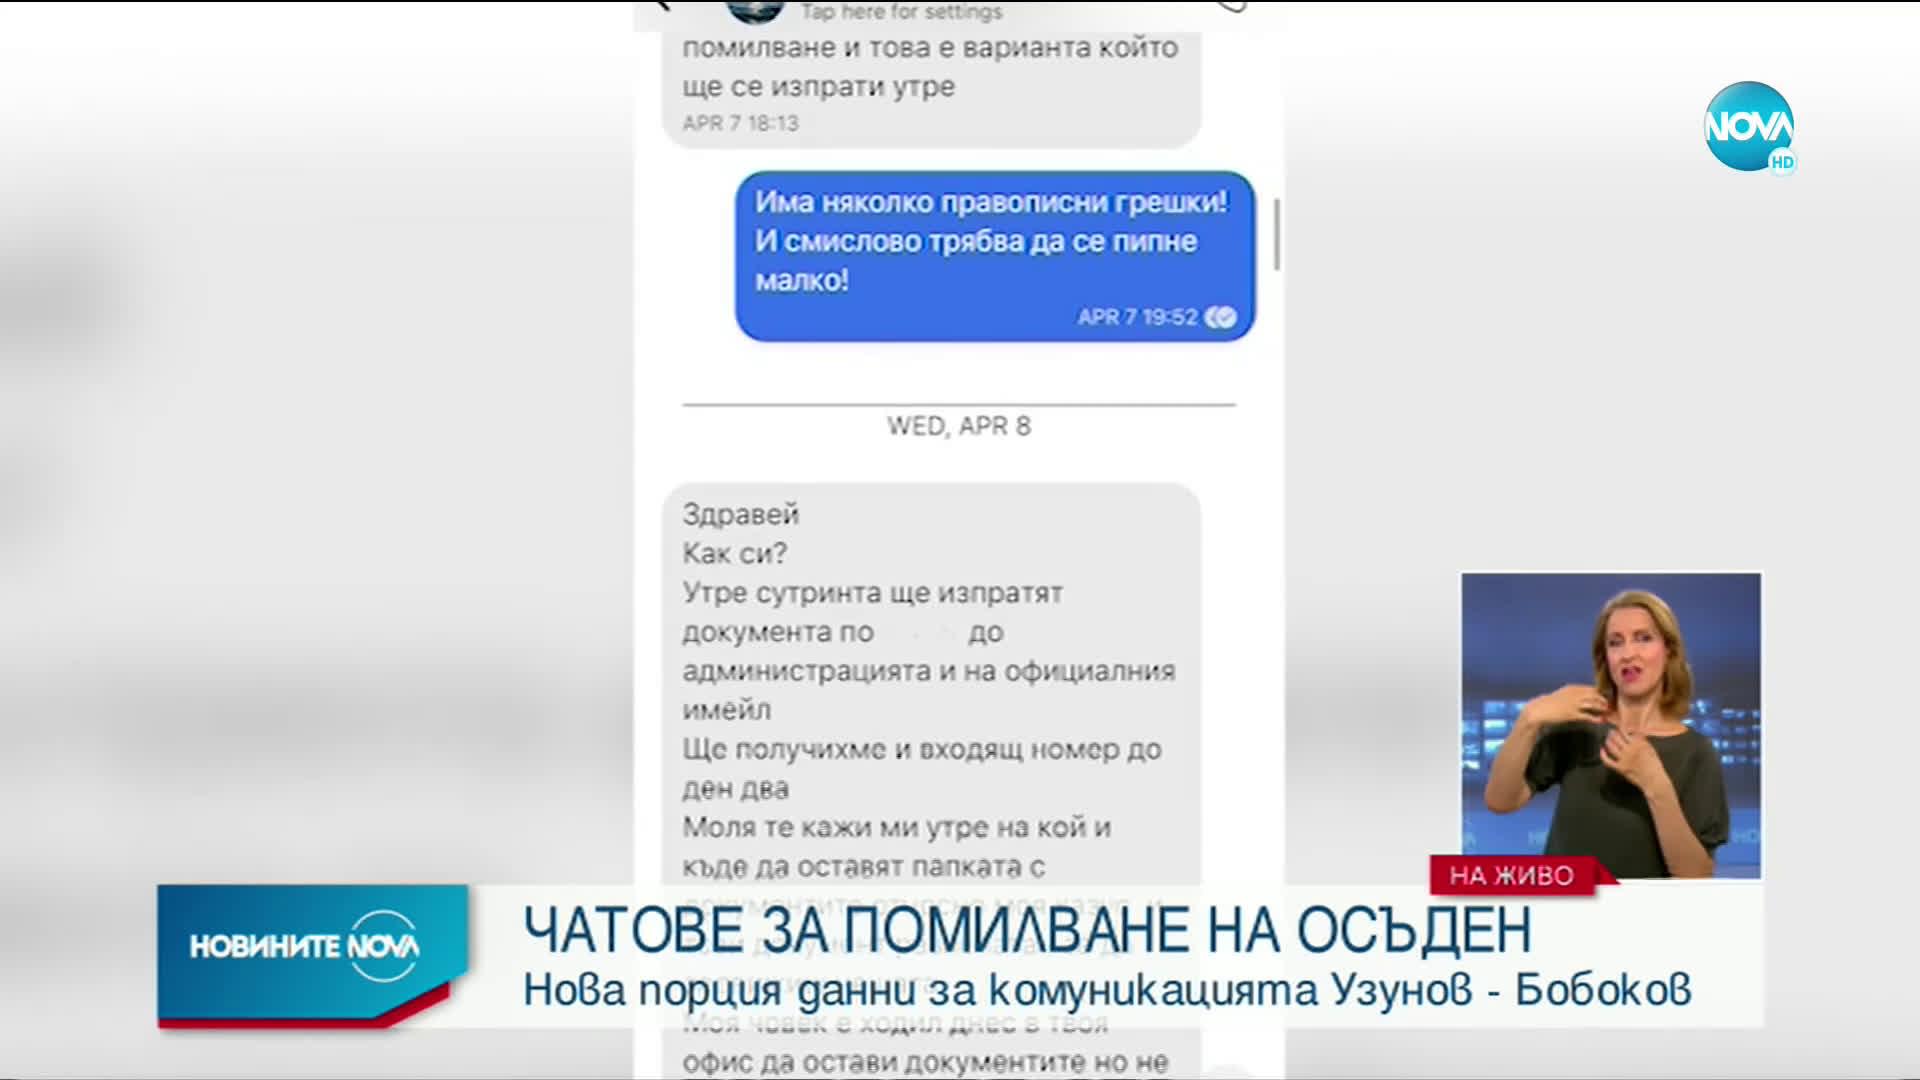 """Прокуратурата: П.Б. търсил съдействие от """"Prezident-Pl. Uzunov"""" за помилването на осъден в Румъния"""